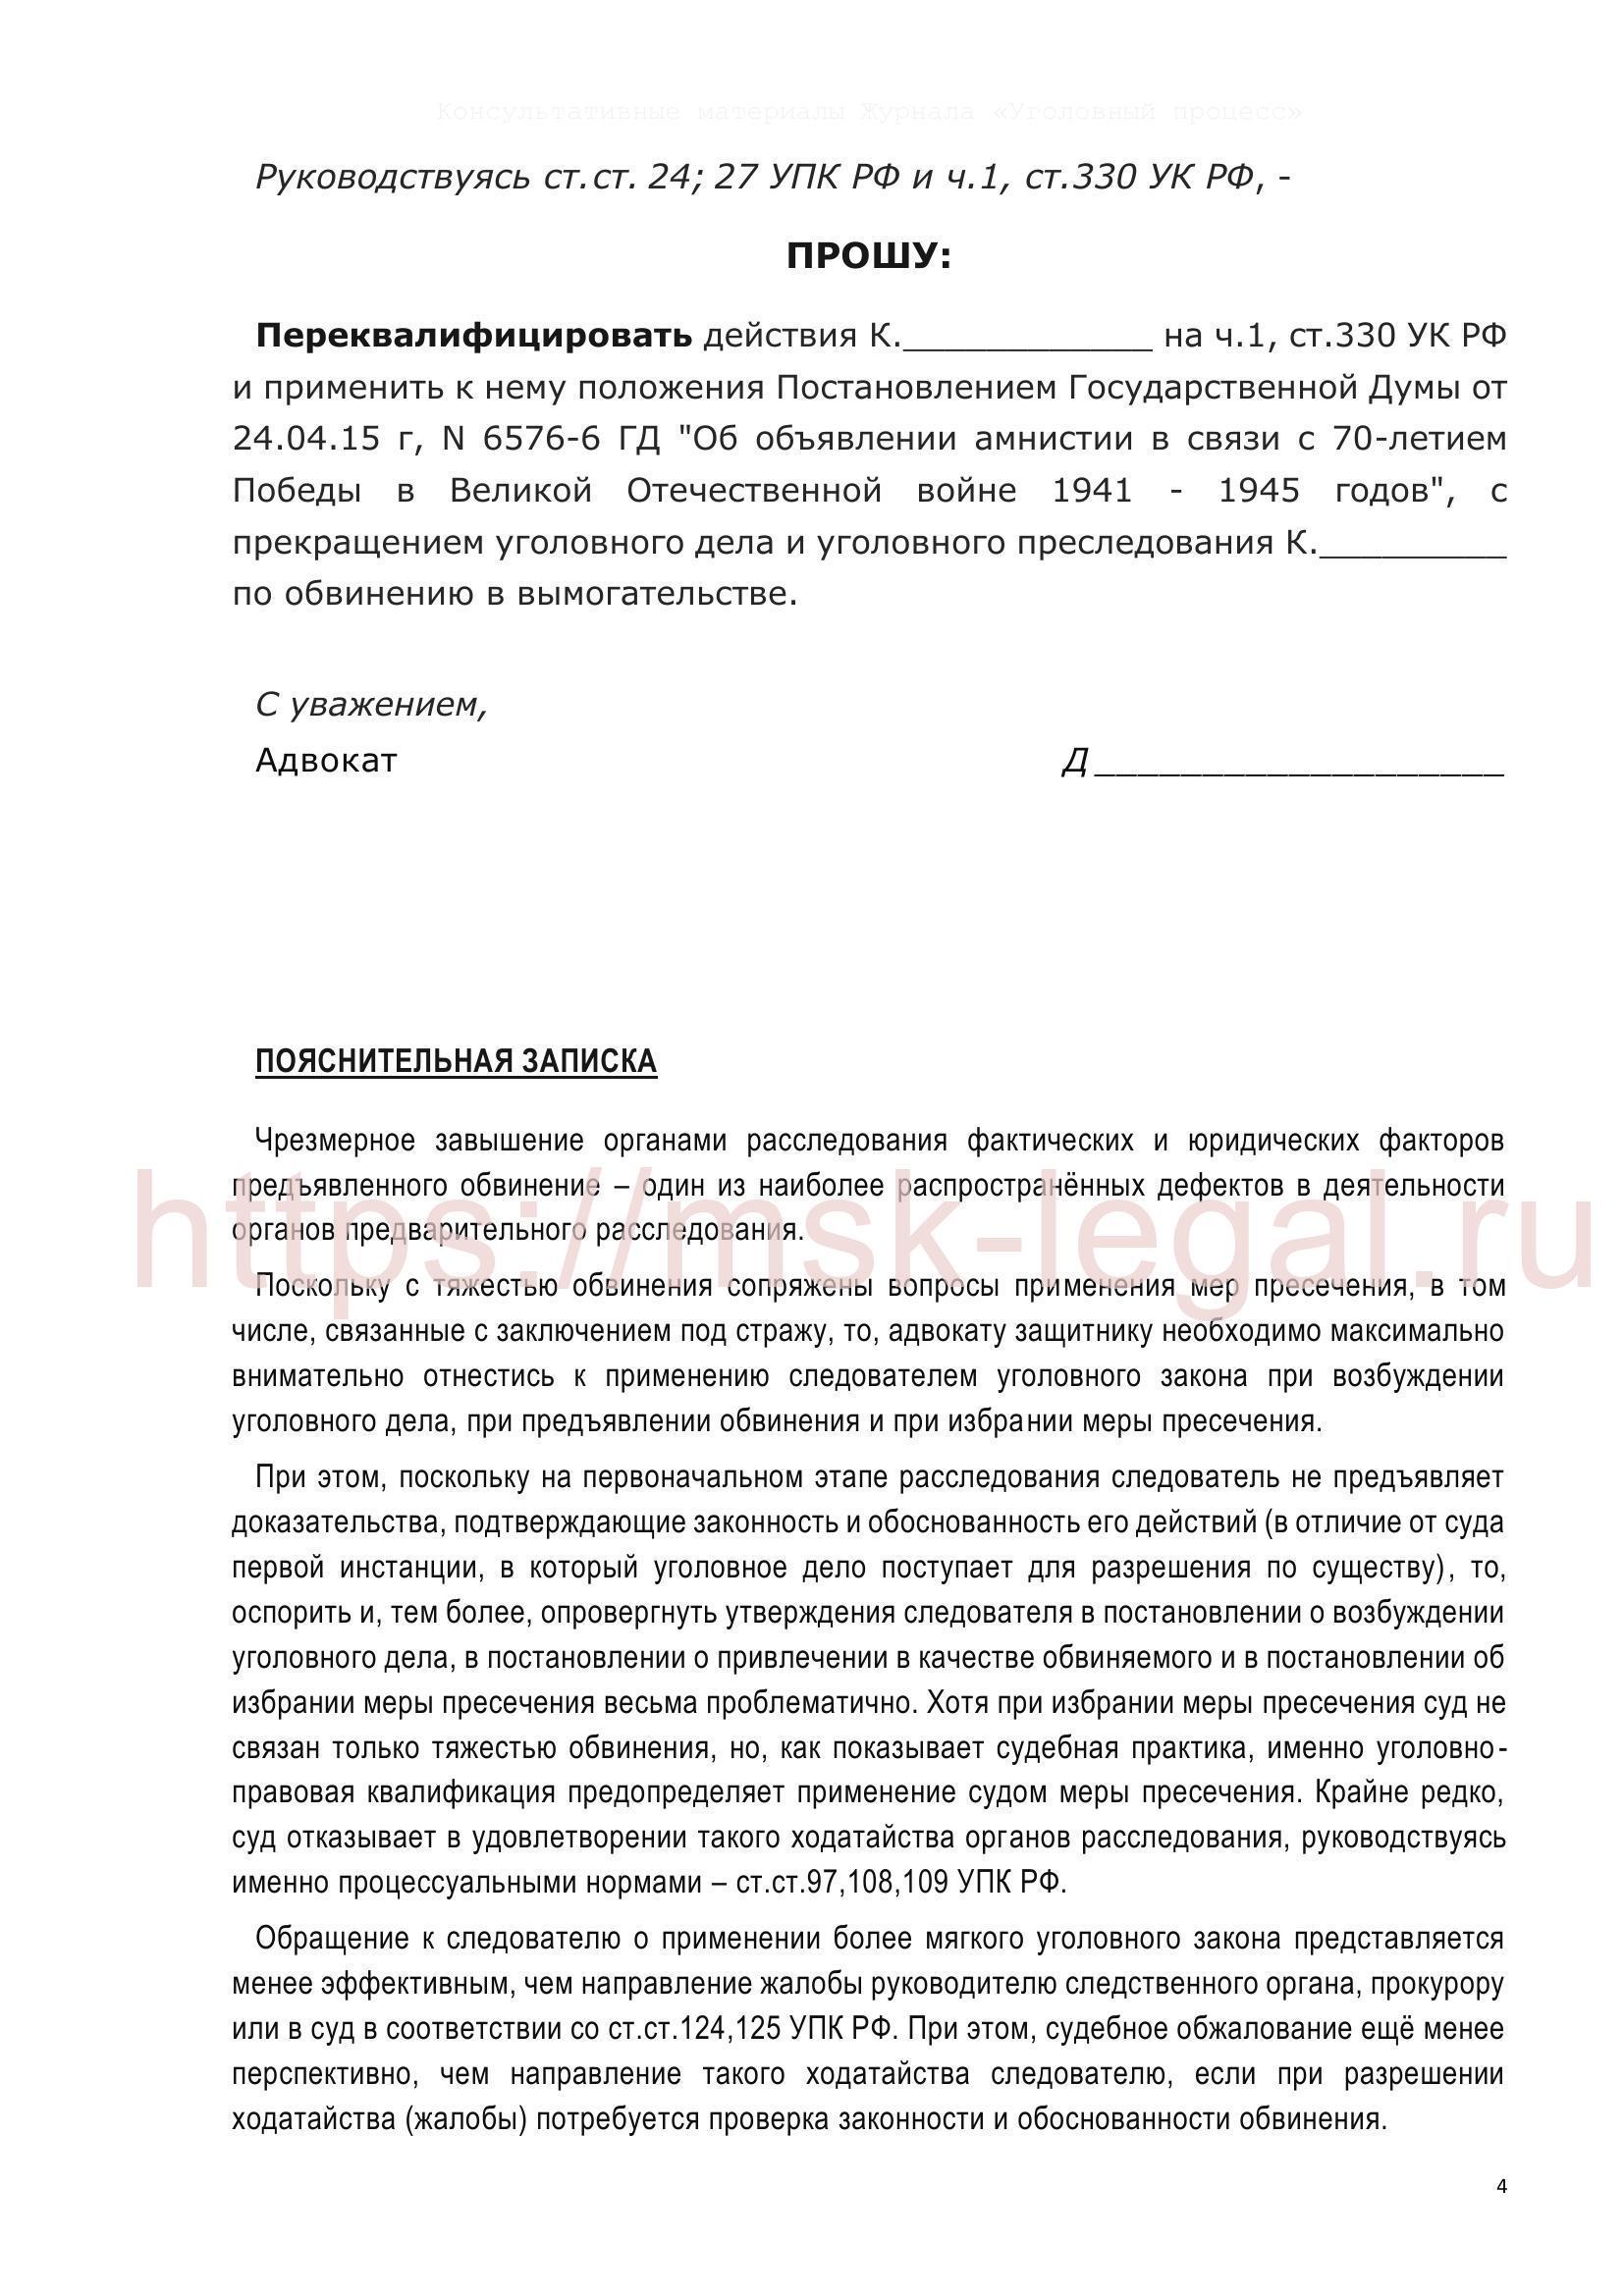 Ходатайство о переквалификации обвинения и применении акта об амнистии